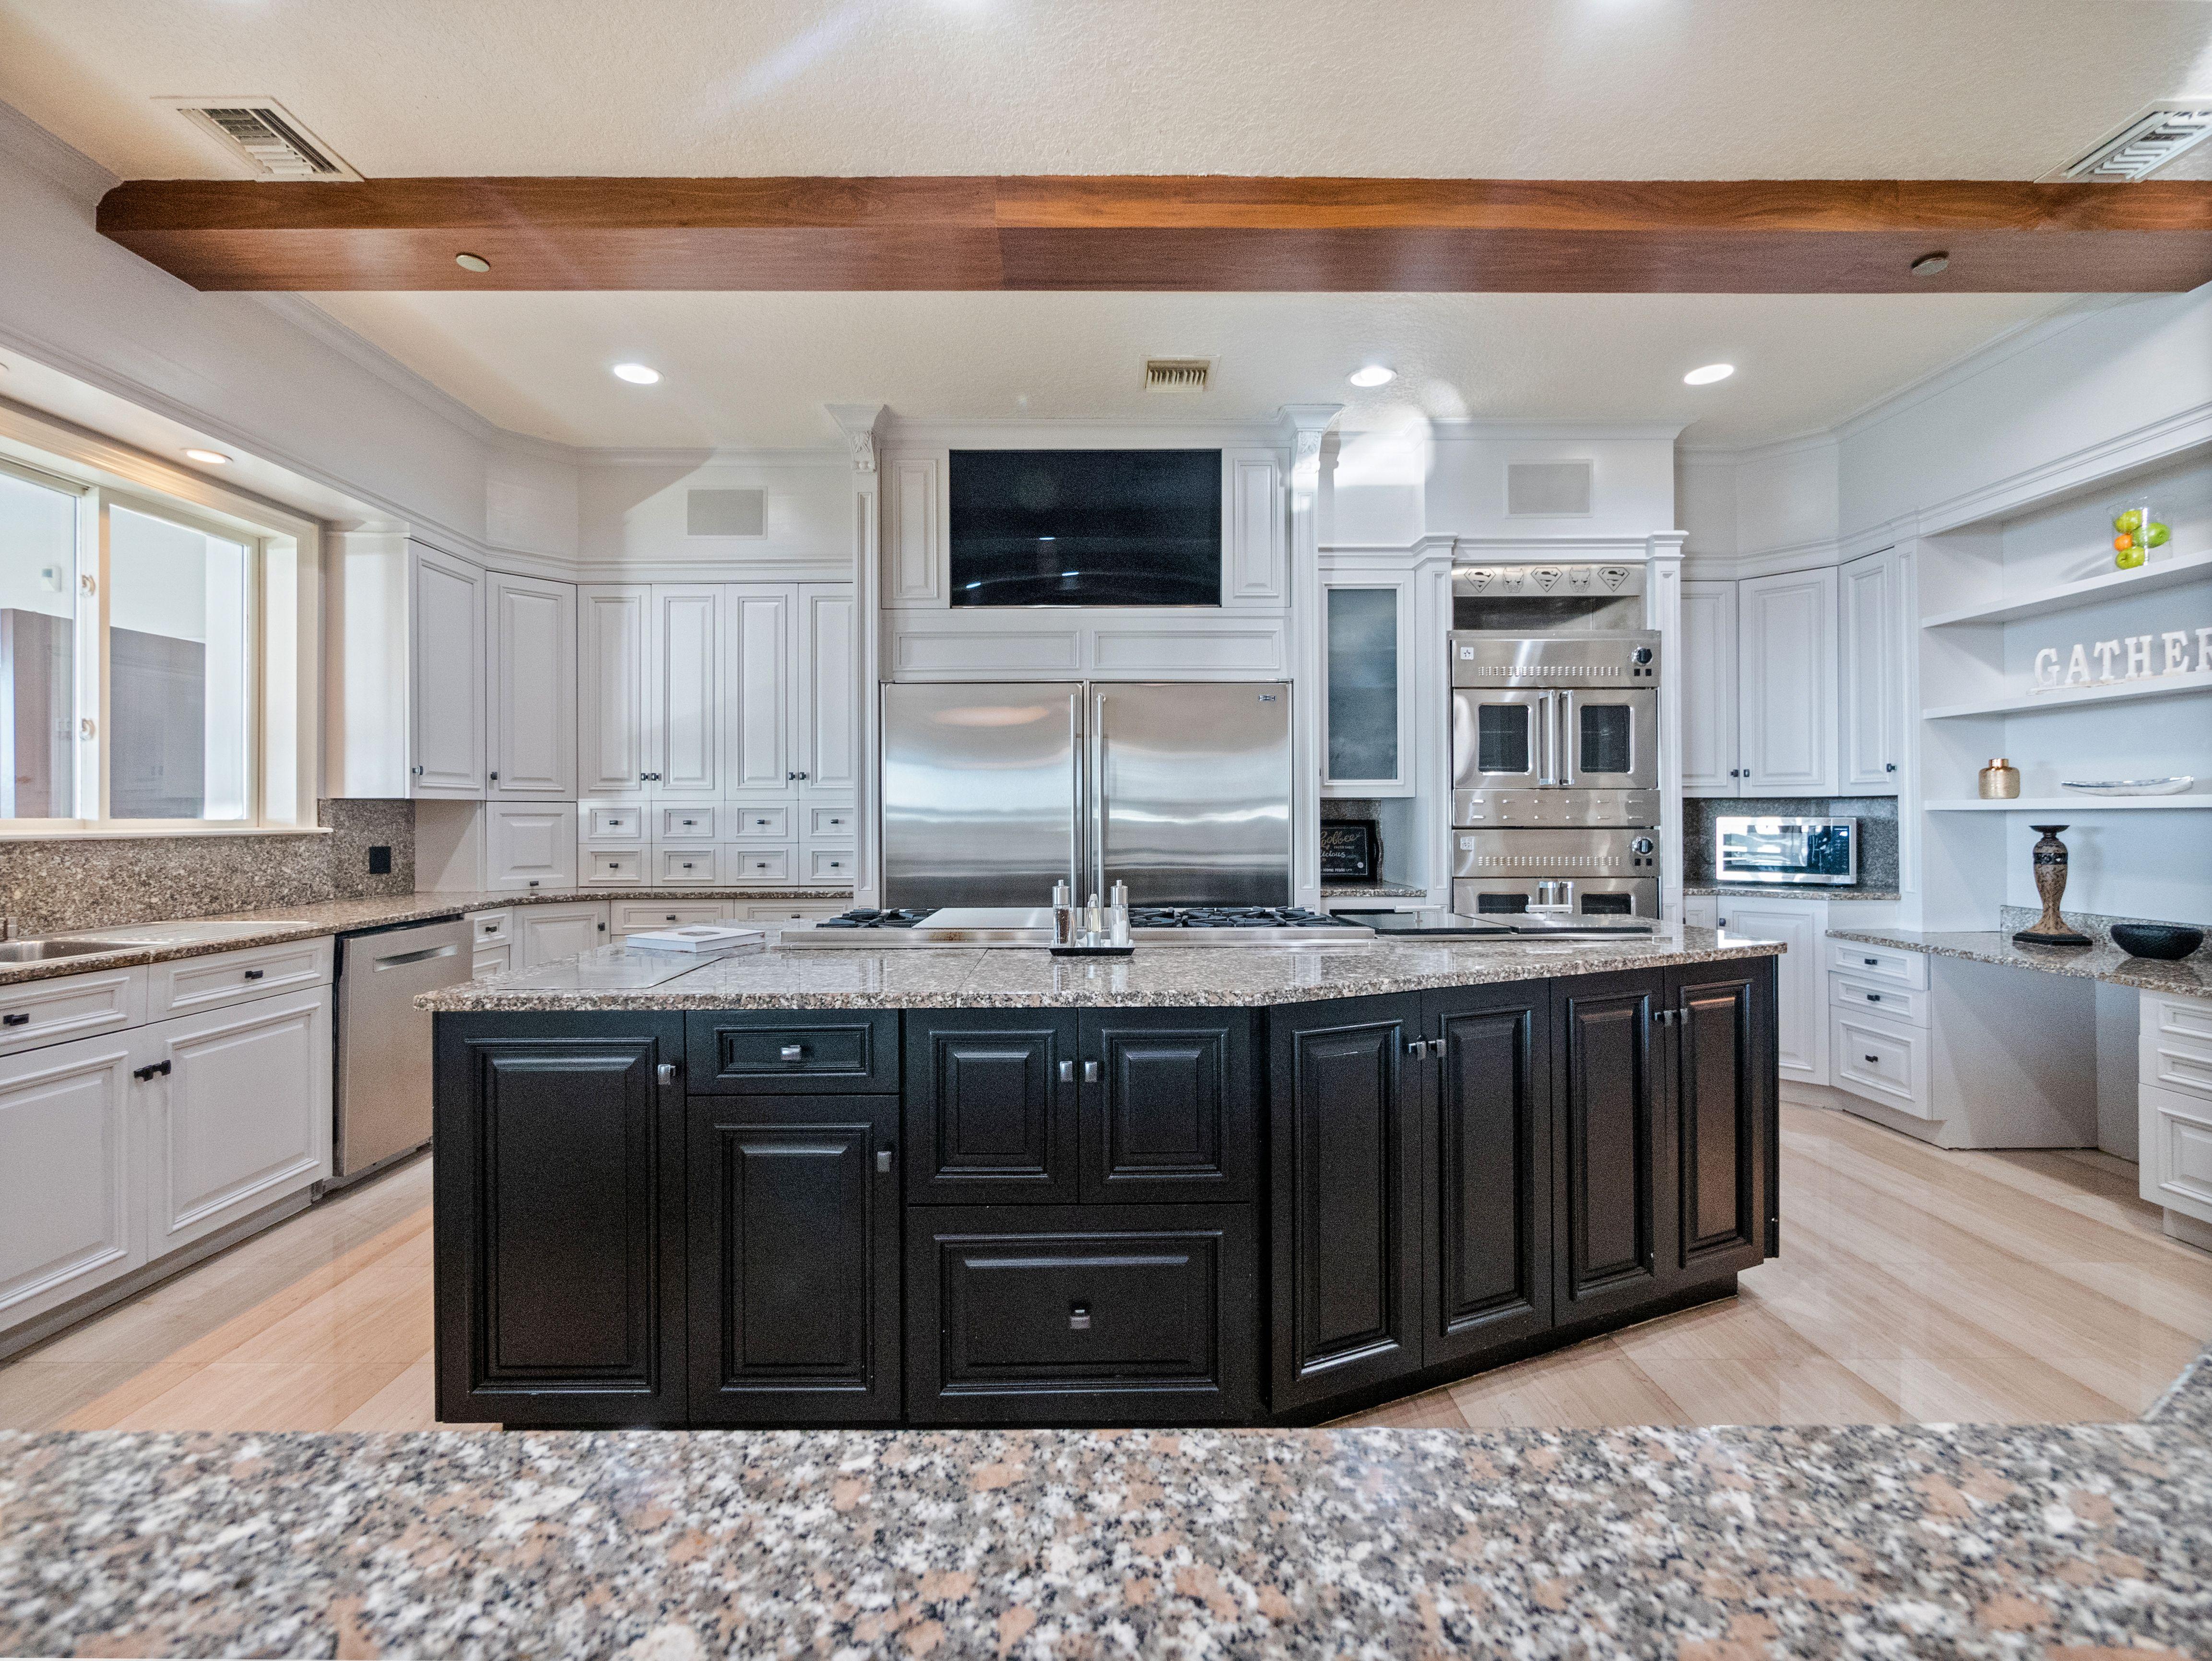 Shaq's Florida estate kitchen